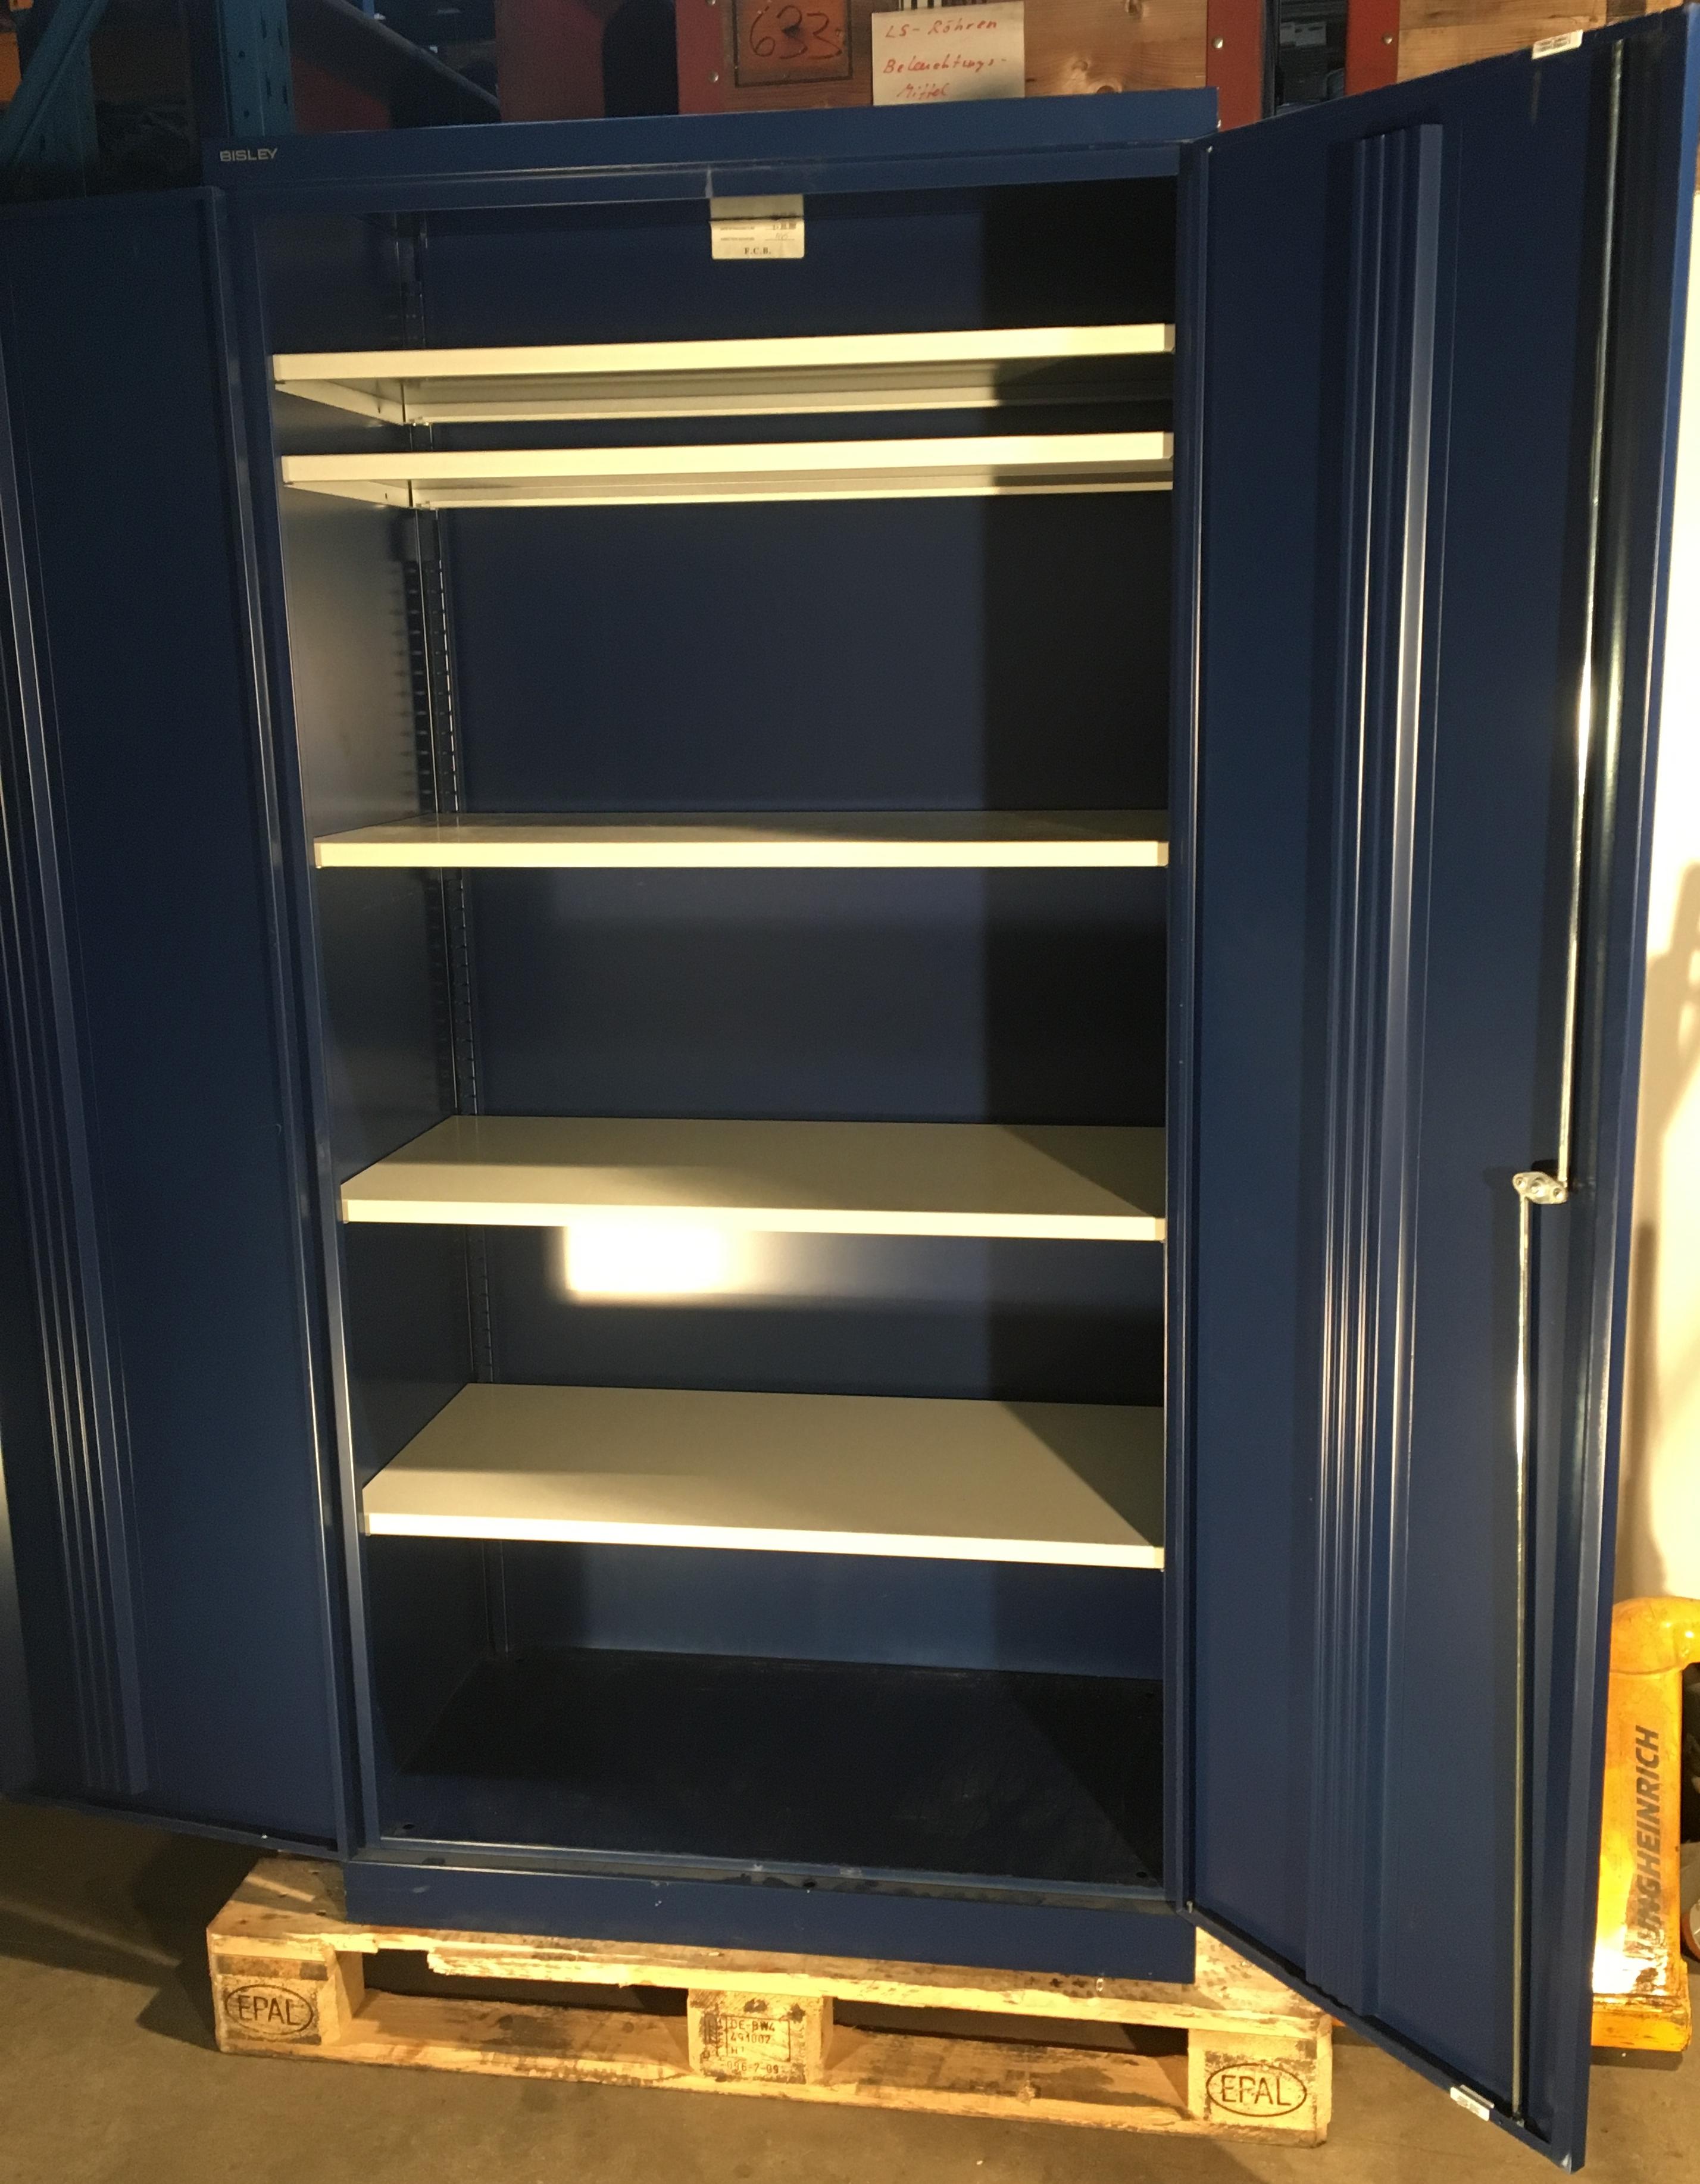 bisley aktenschrank werkzeugschrank fl gelt renschrank aus metall abschlie bar inkl 5. Black Bedroom Furniture Sets. Home Design Ideas